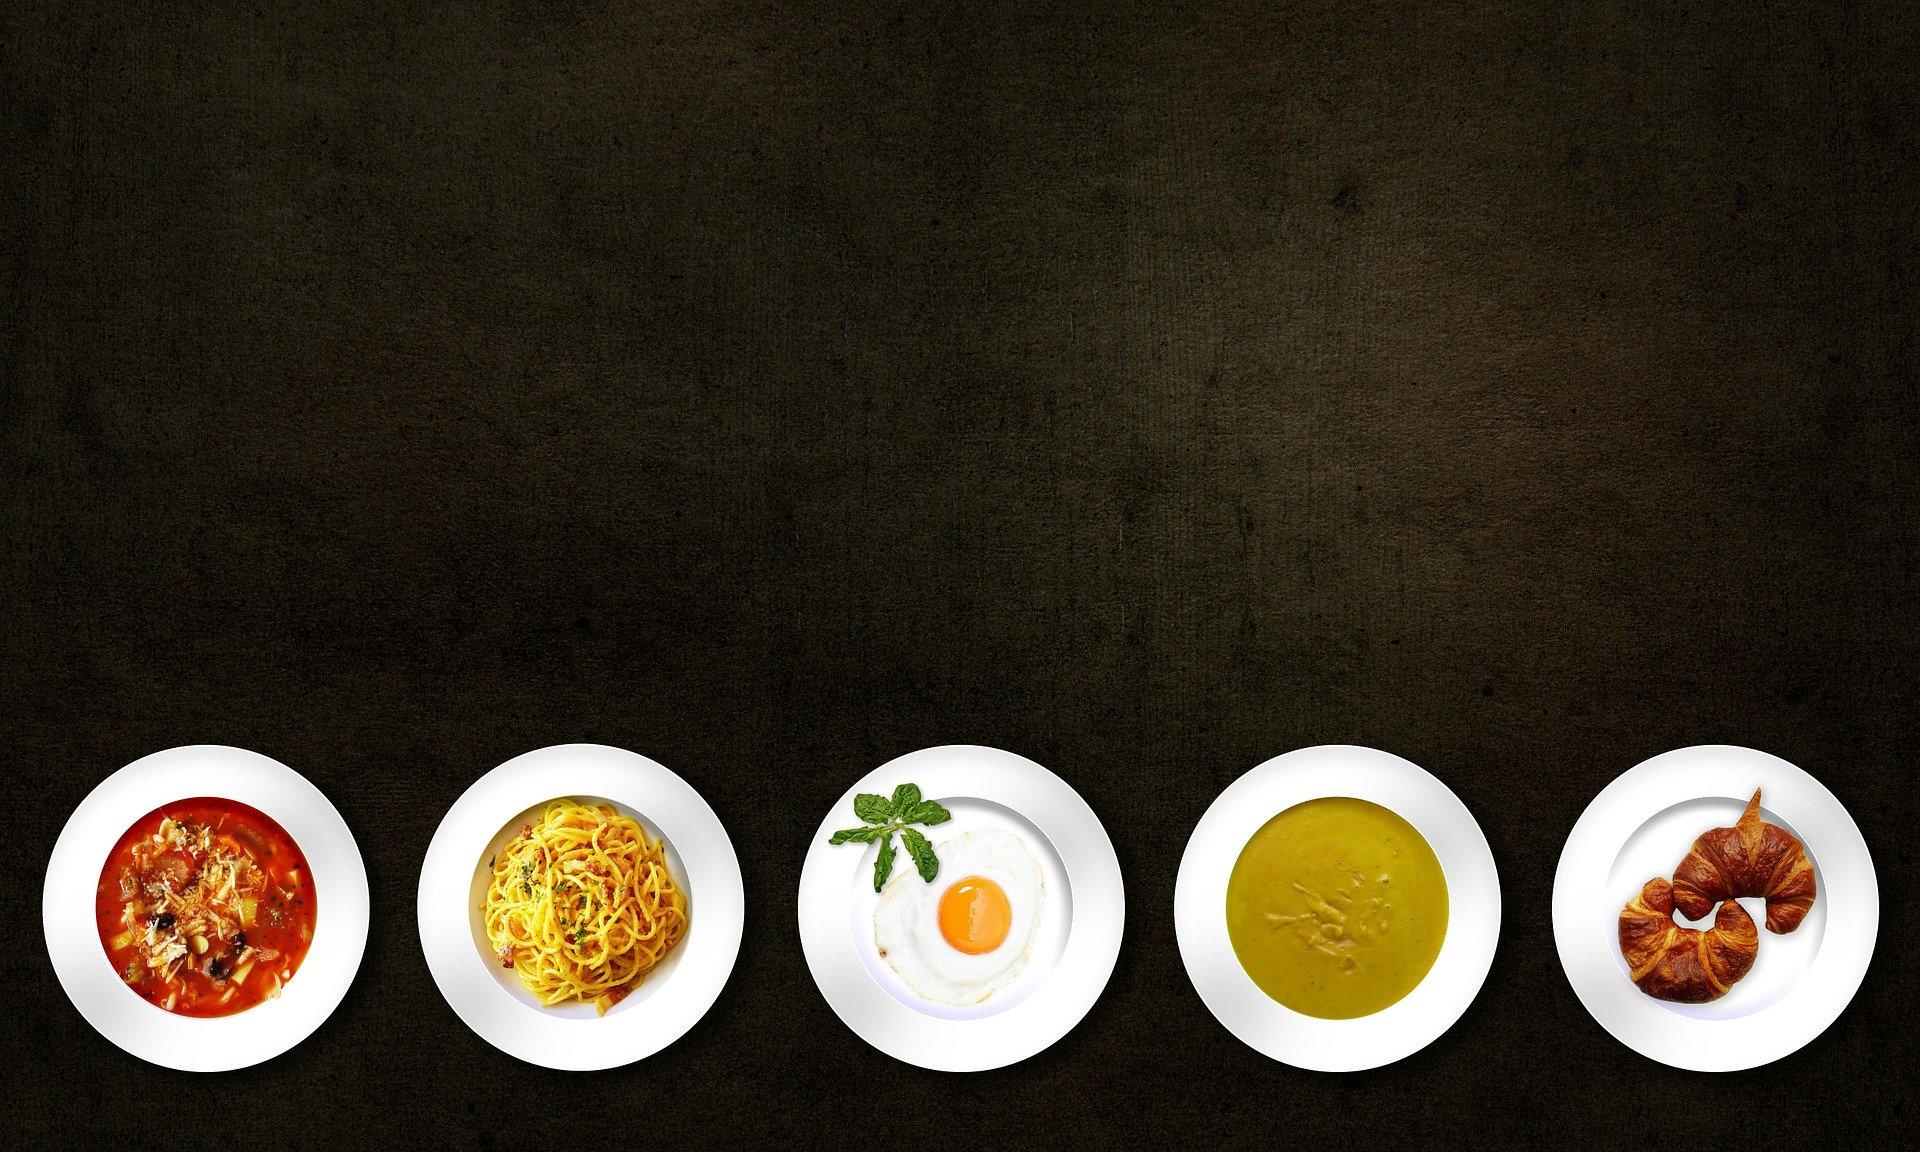 【ダイエット】これでもう太らない!簡単ダイエット術4選!<後編>